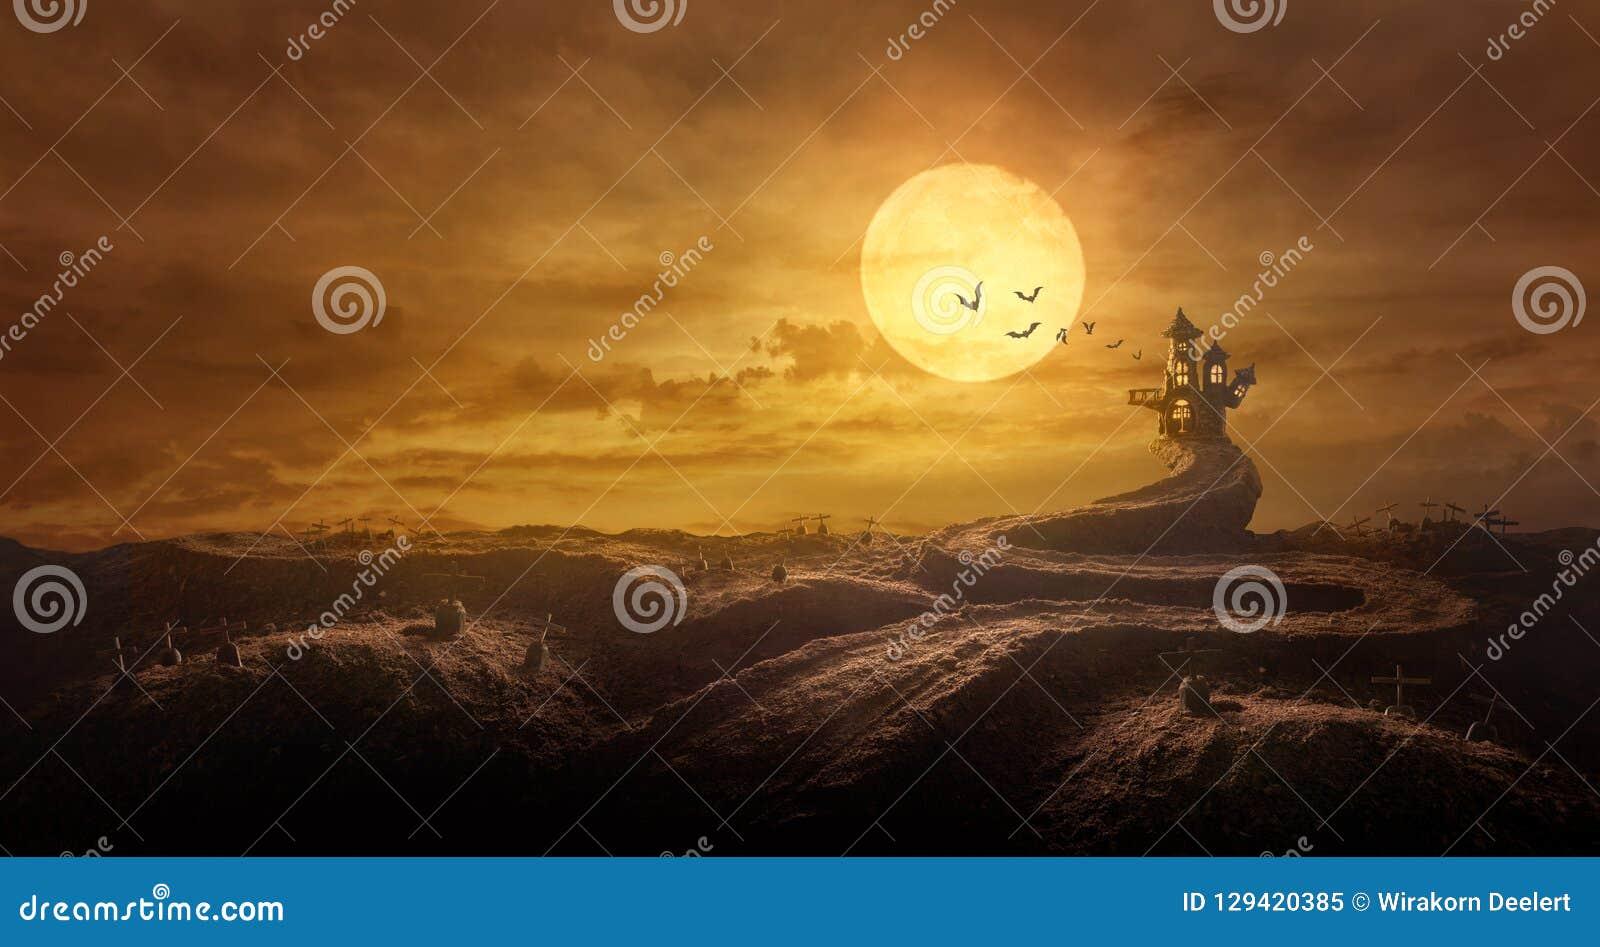 Fondo di Halloween attraverso la tomba allungata della strada per fortificare spettrale nella notte della luna piena e del volo d